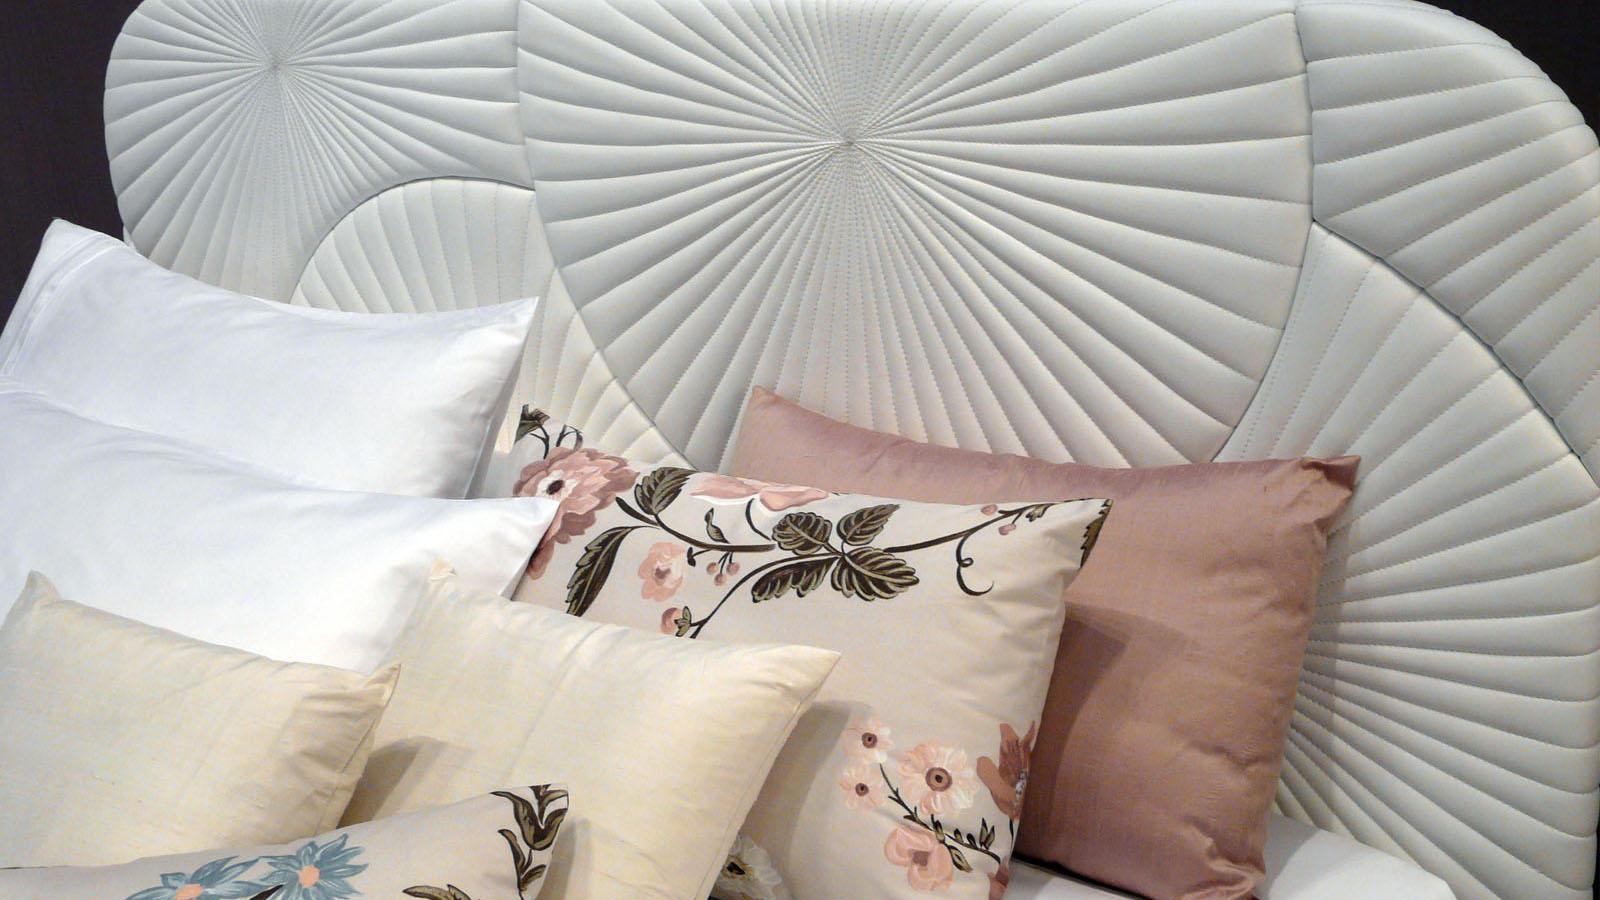 boreale-bed-collection-ciacci-testata-letto